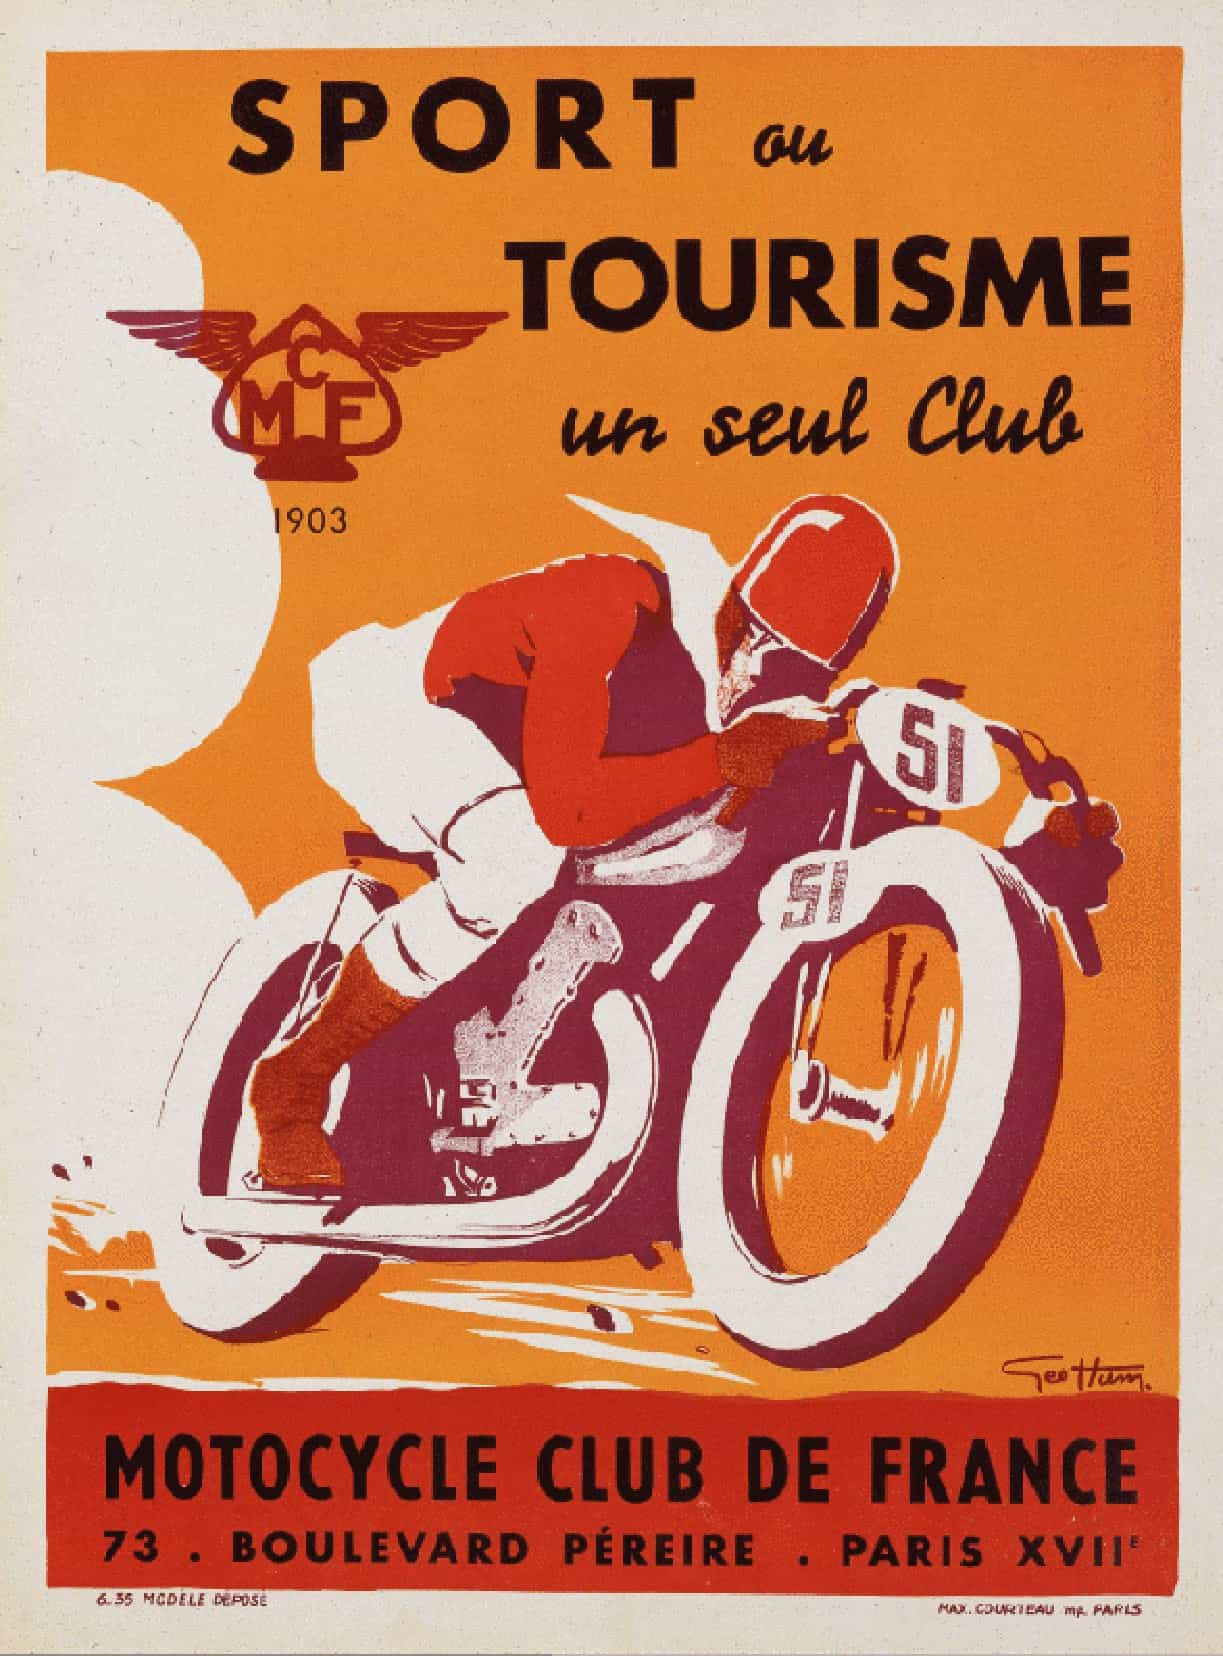 sport ou tourisme un seul club motorcycle club de france vintage french sports poster retrographik. Black Bedroom Furniture Sets. Home Design Ideas